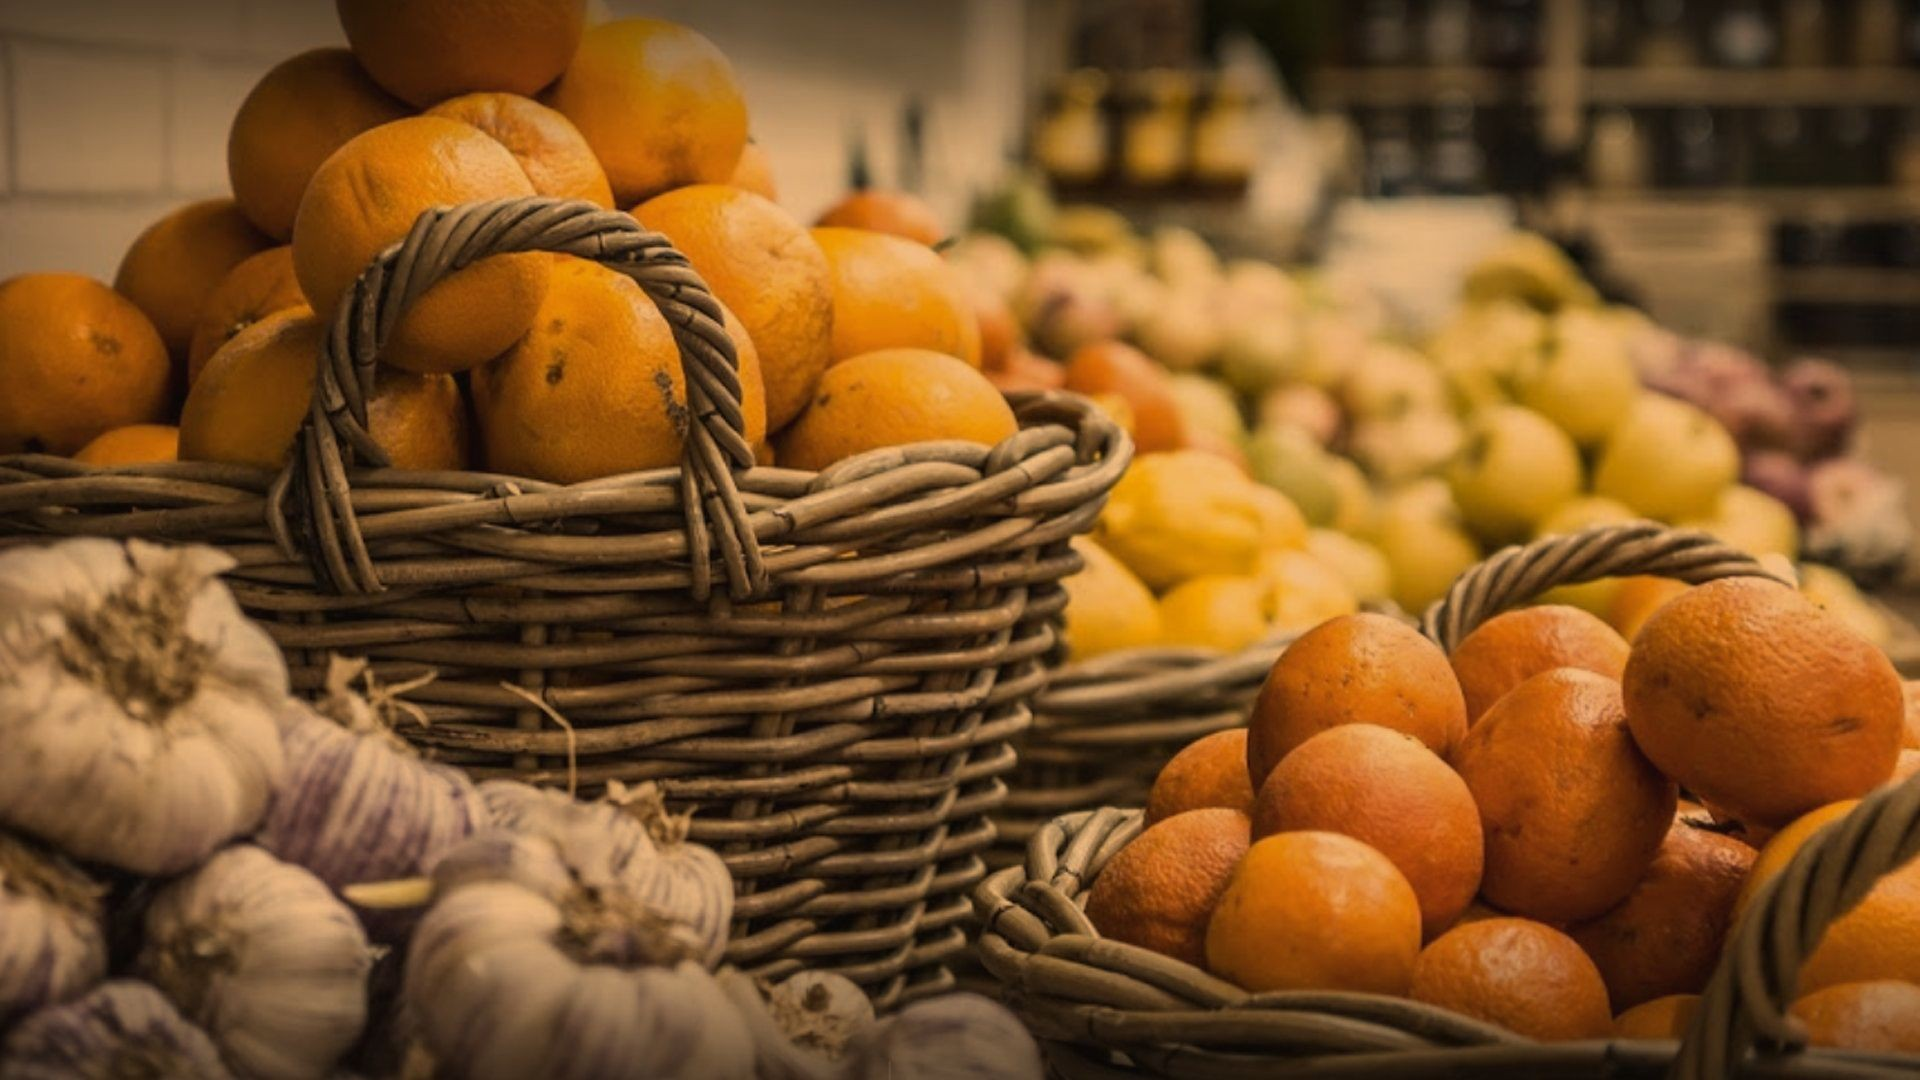 Frutería y verdulería en Torredembarra